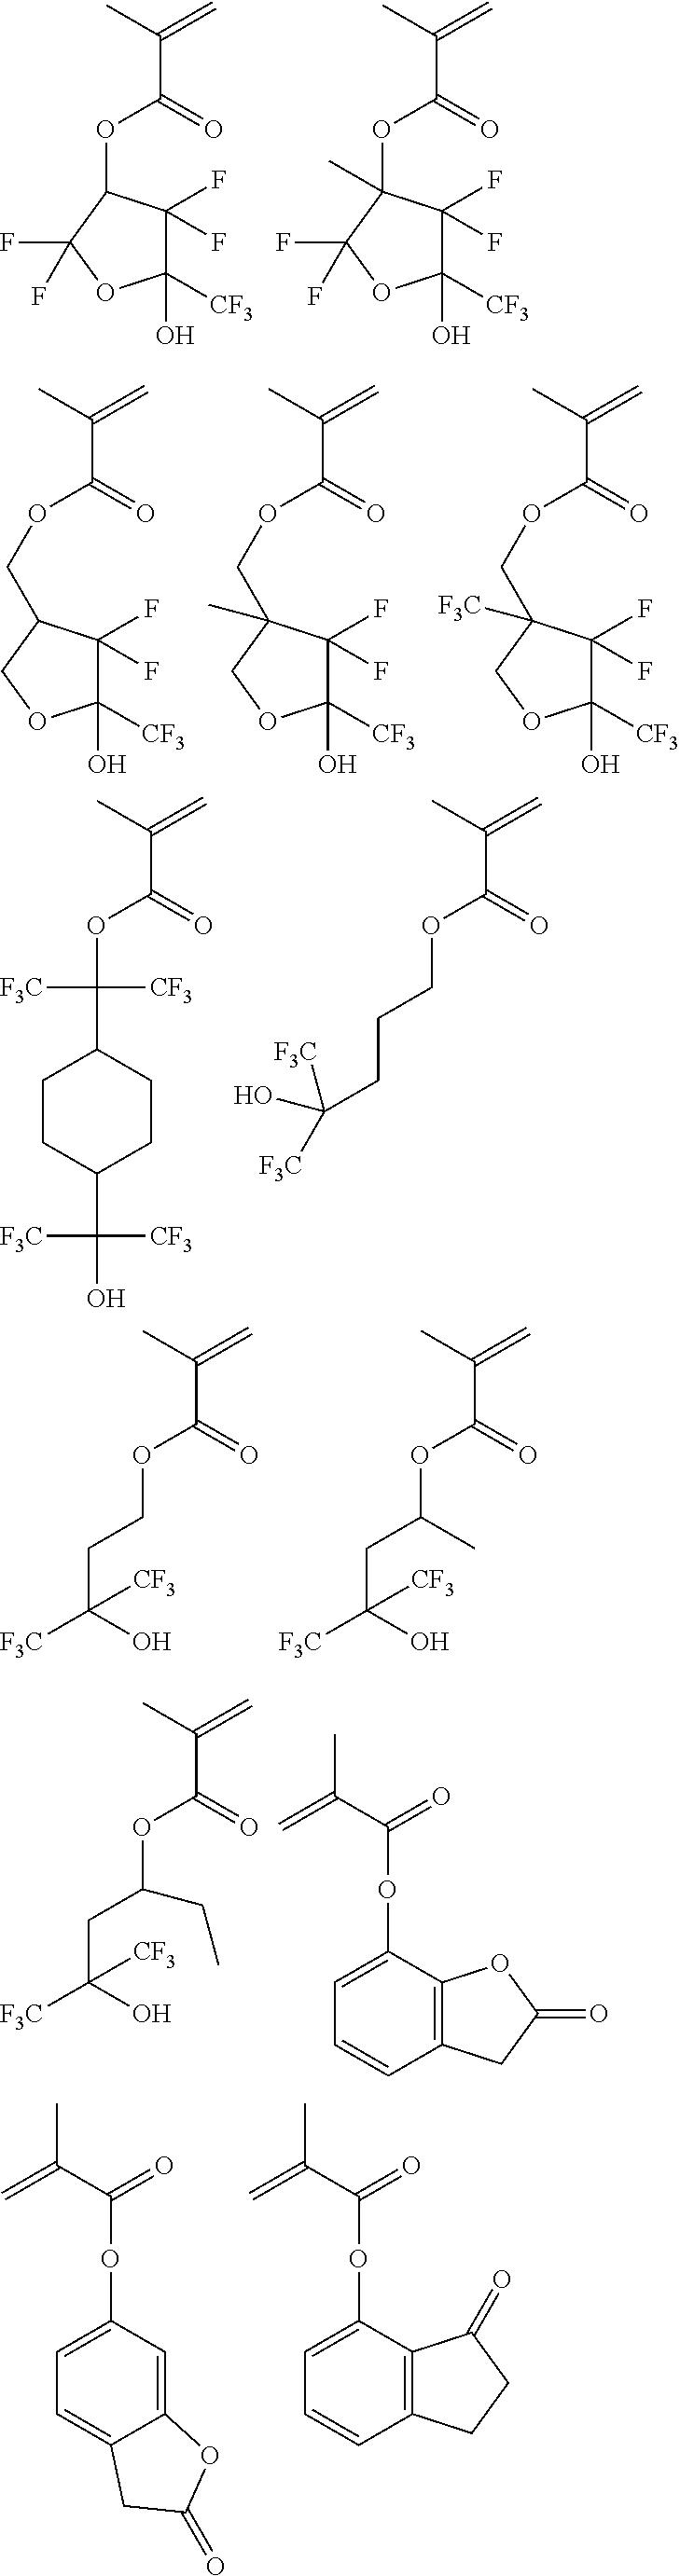 Figure US09017918-20150428-C00046